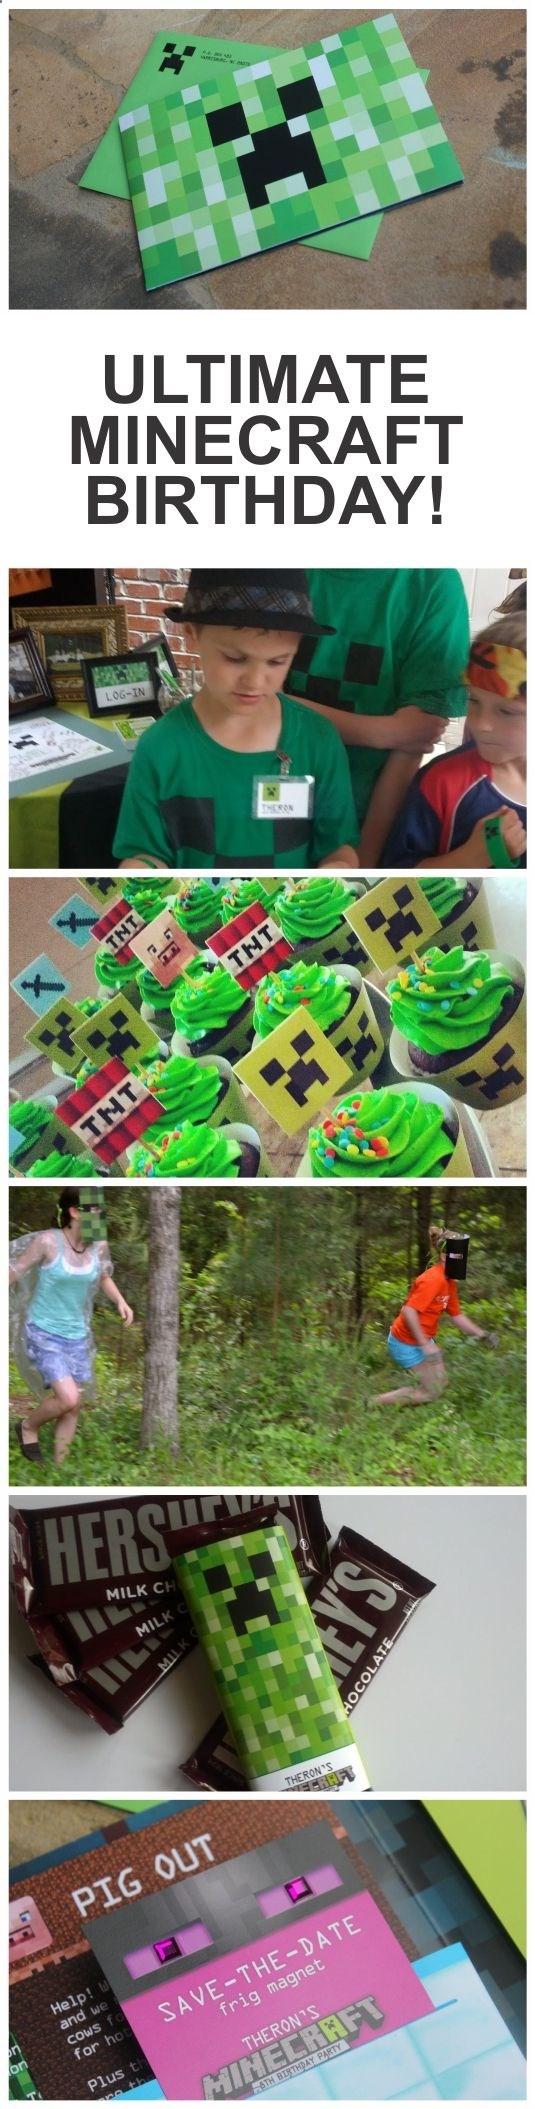 Minecraft birthday party ideas http://@Mark Van Der Voort Van Der Voort Susan Coleman for the boys? haha